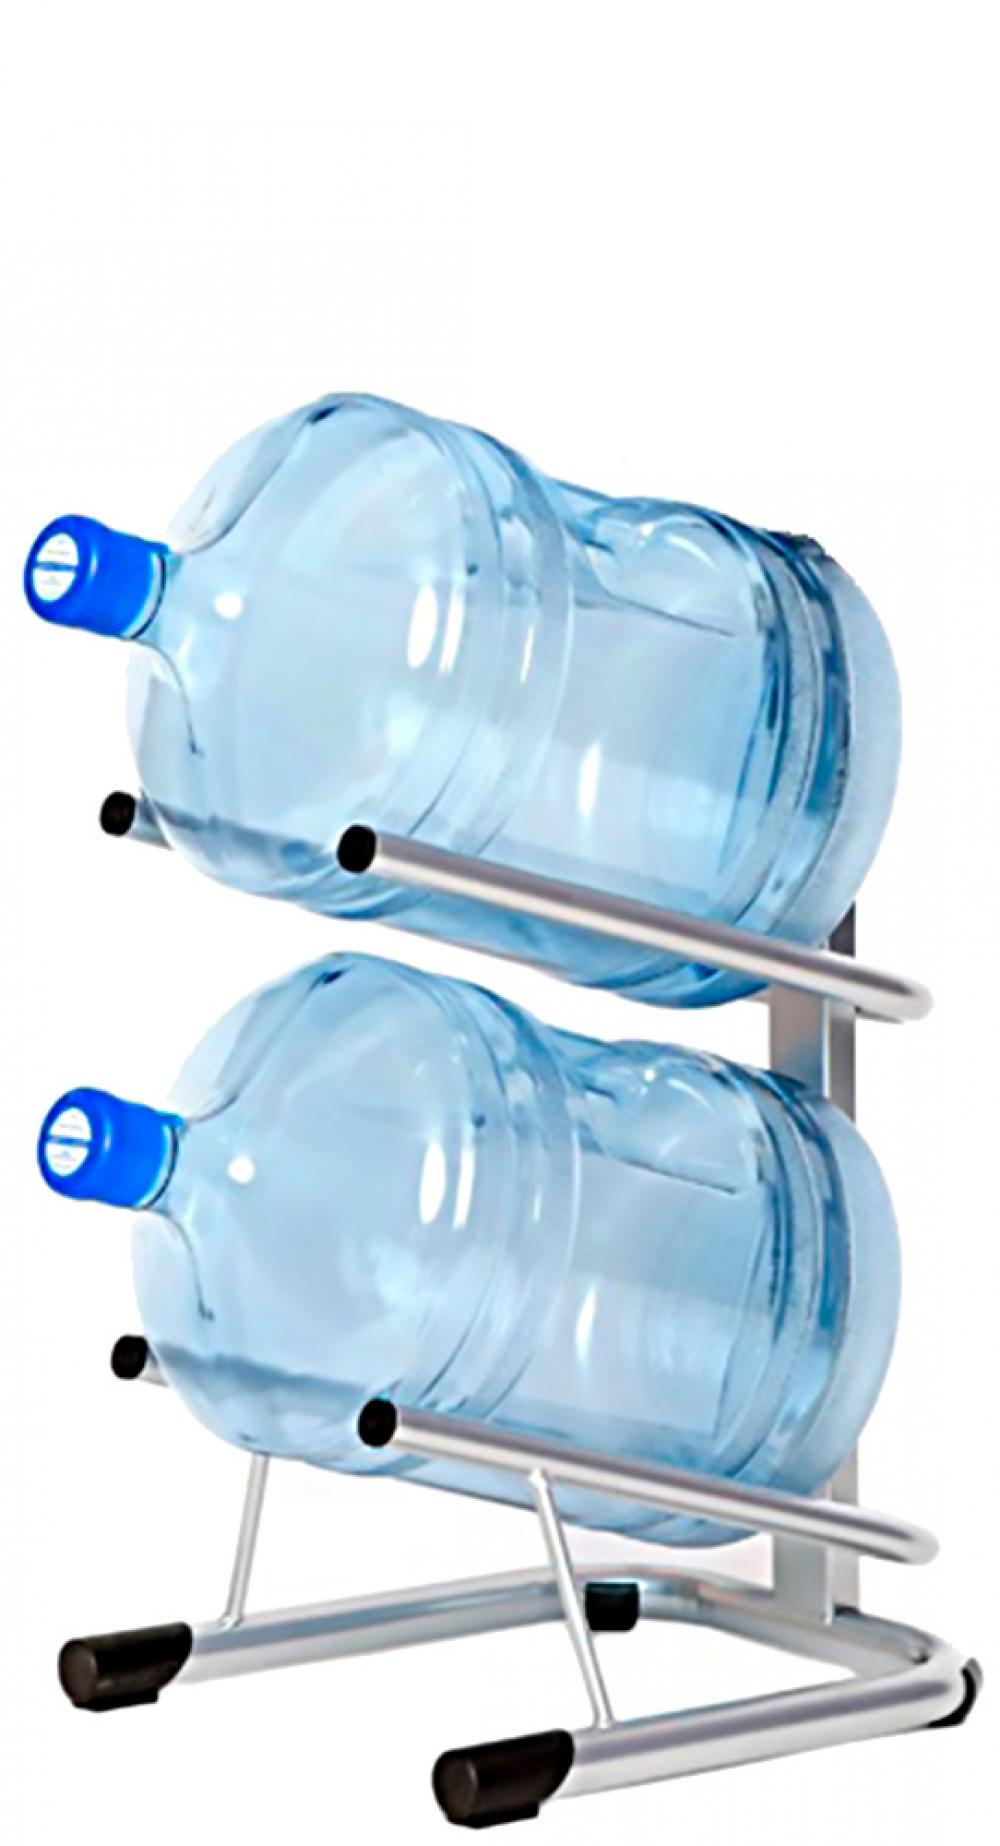 Стойка для 2 бутылей по 19 литров СРП серебро